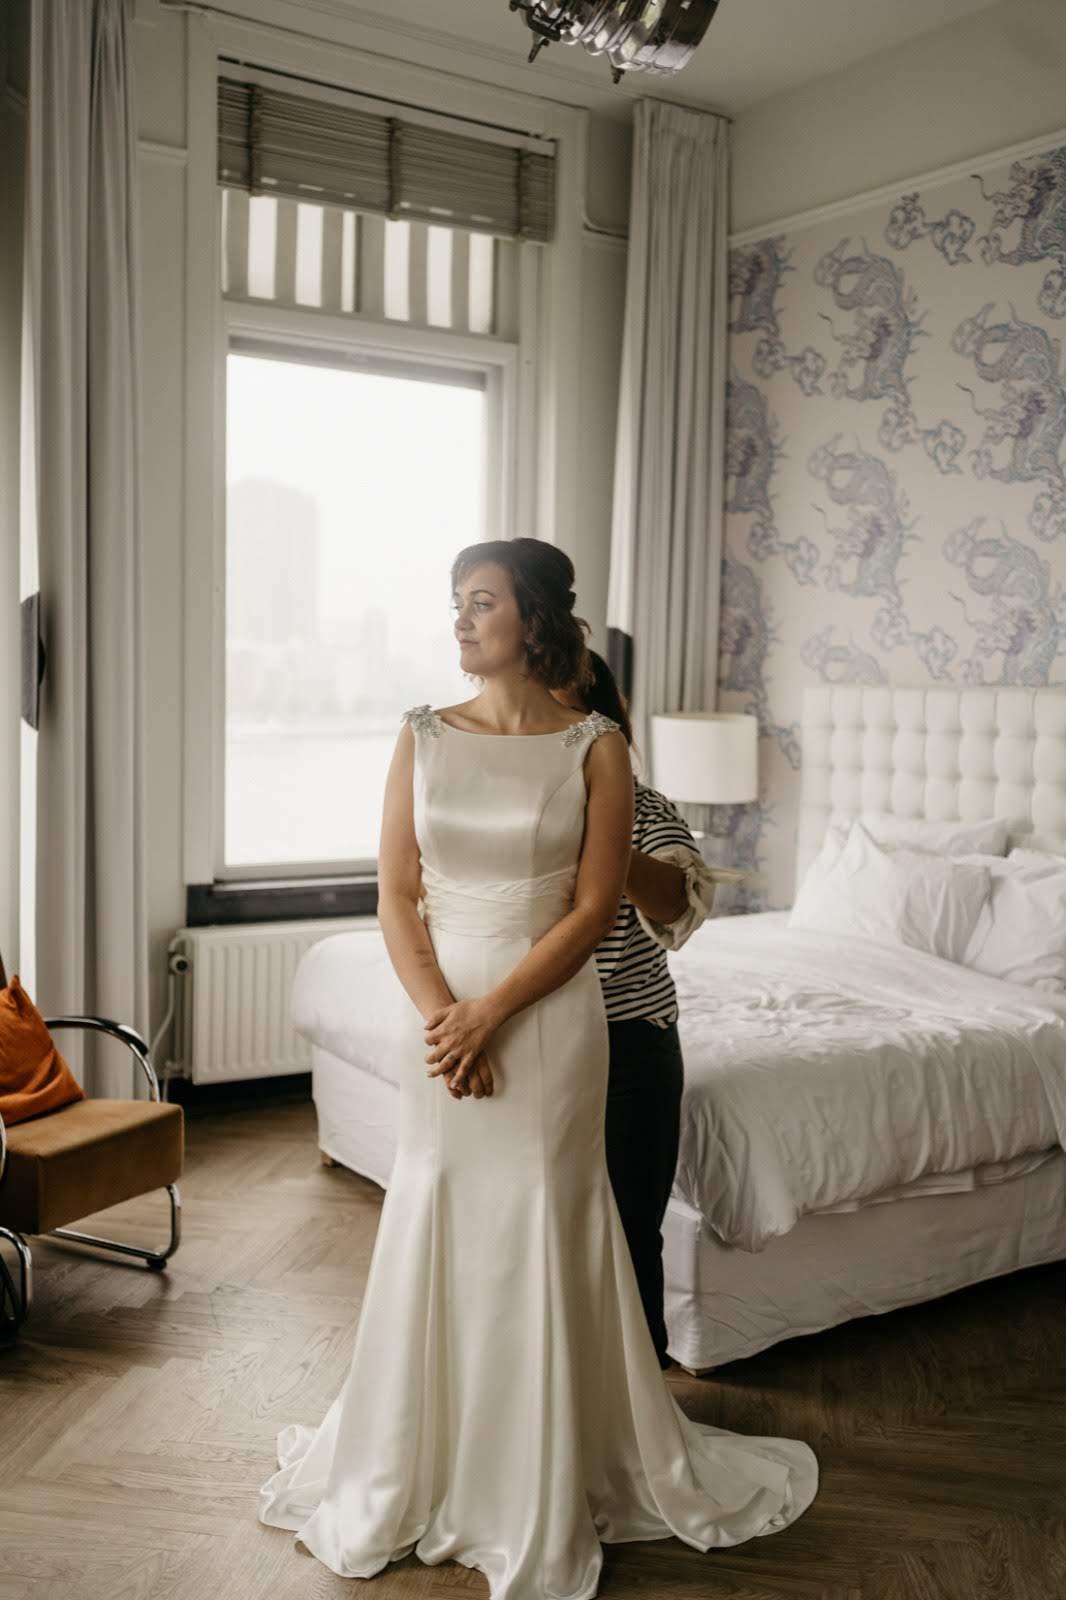 bianca rijkenbarg Bruidsmake-up en Bruidskapsel Hotel New York Beautiful Morning